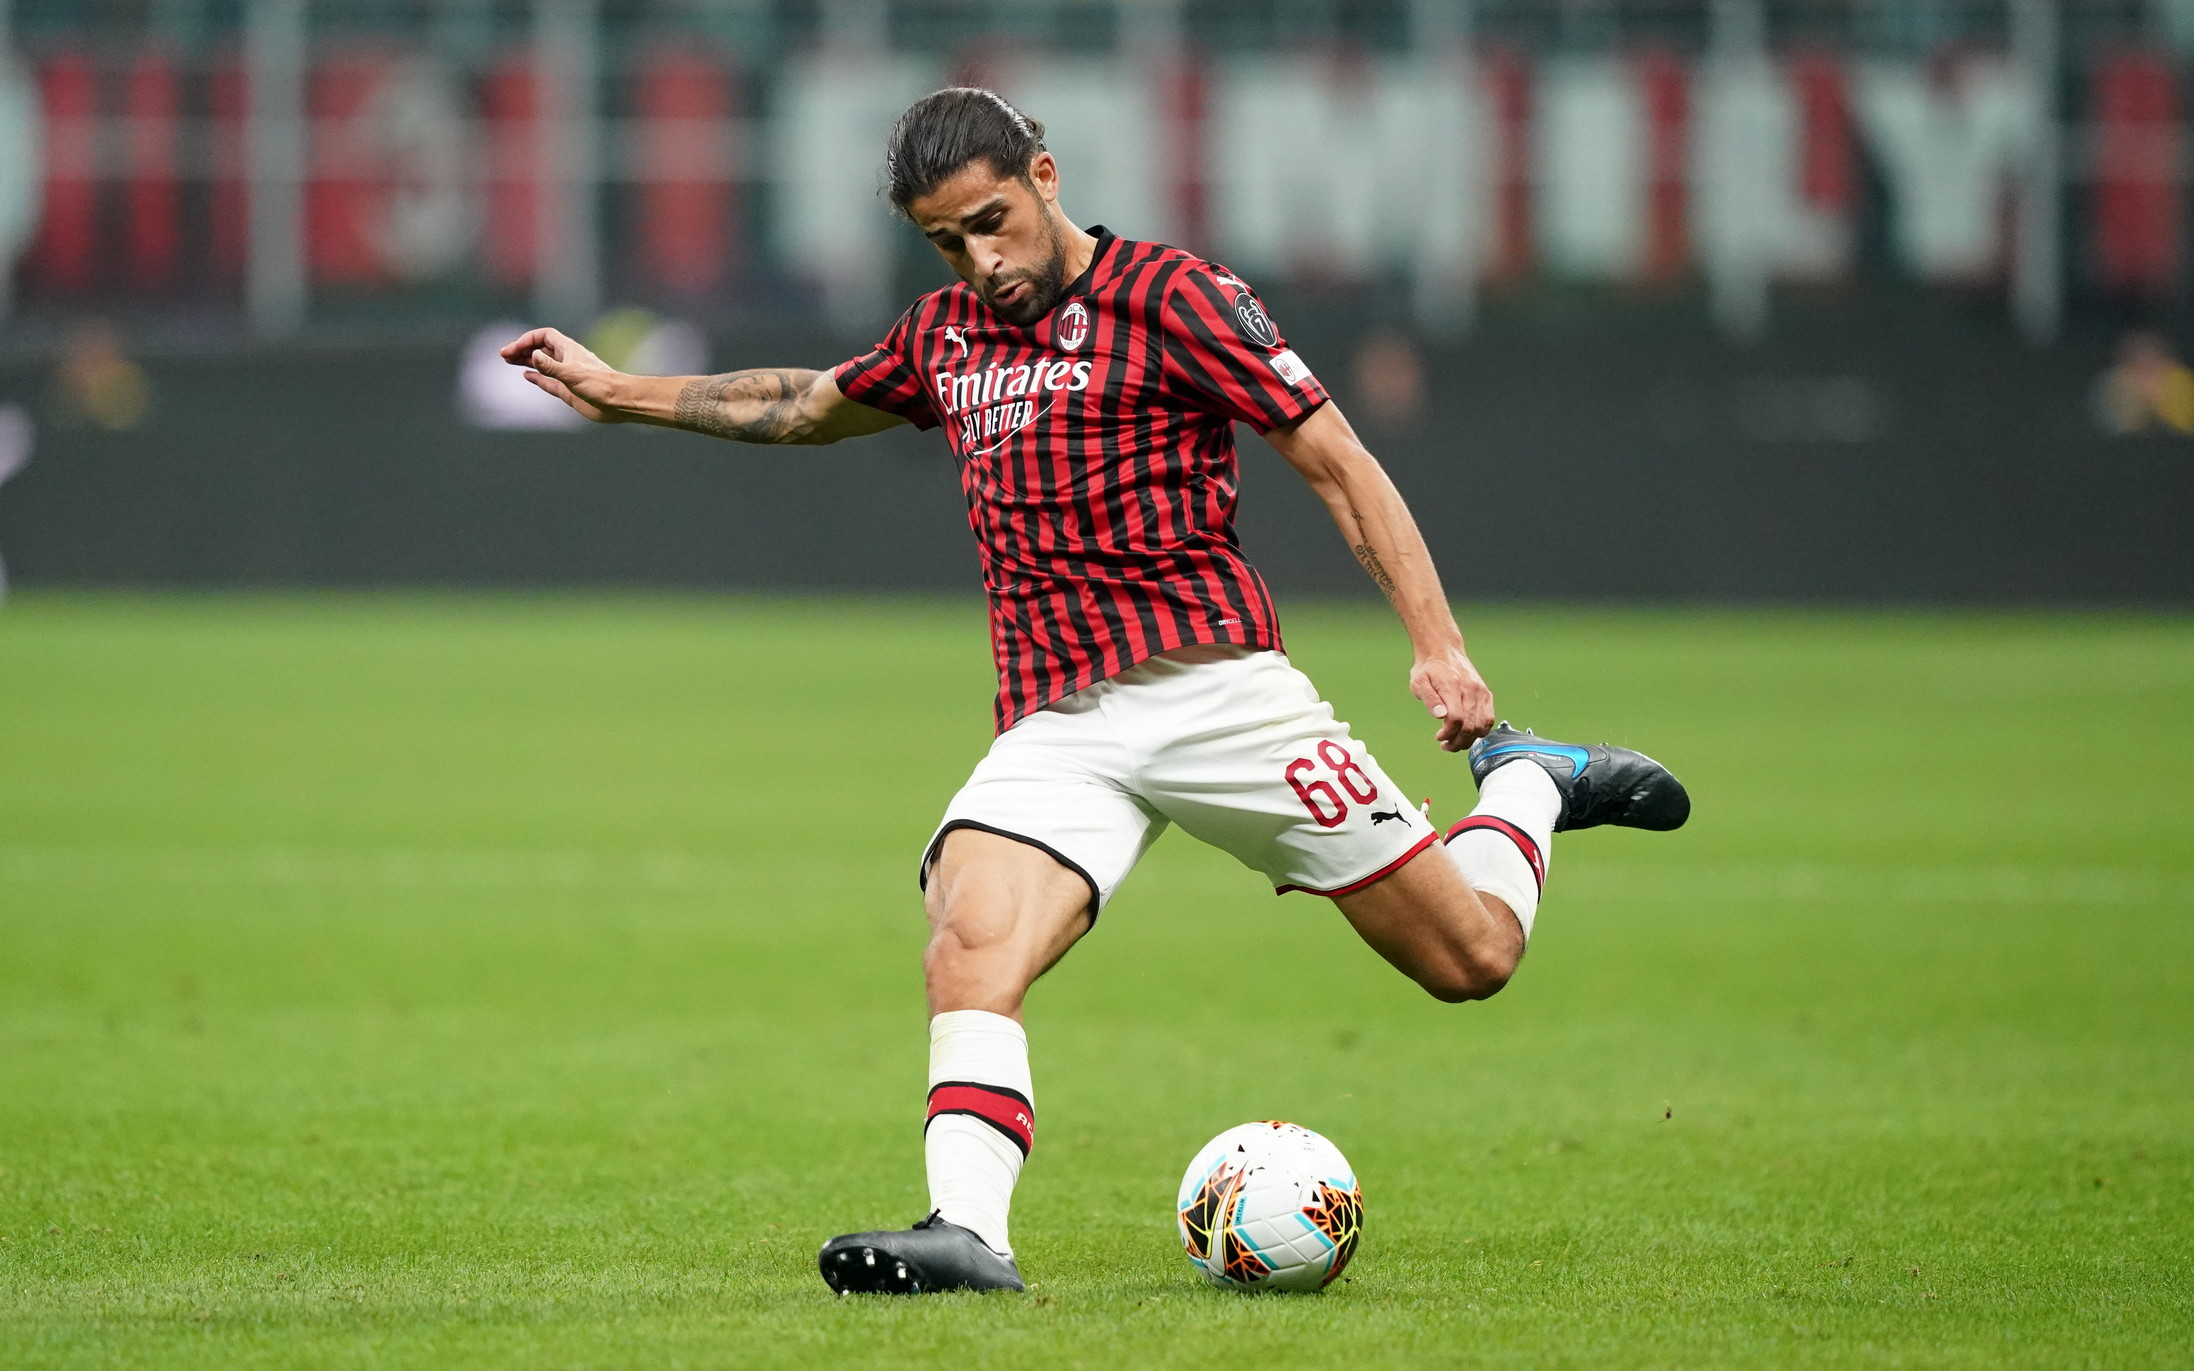 Rodriguez prima di lasciare il Milan per il PSV ha sfiorato prima il Fenerbahce (con tanto di foto) e poi il Napoli